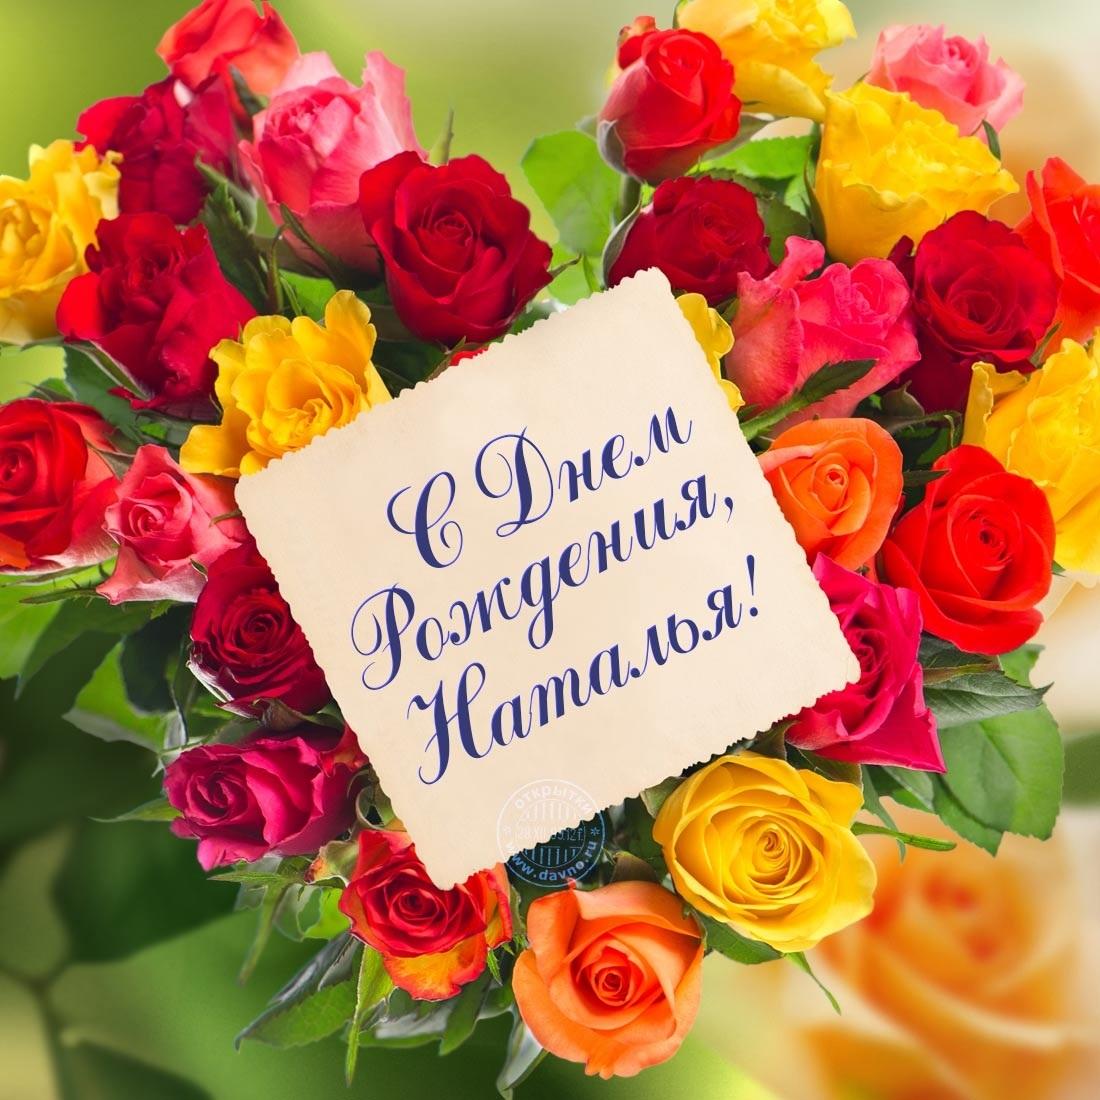 С днем рождения Наталья анимационные открытки025